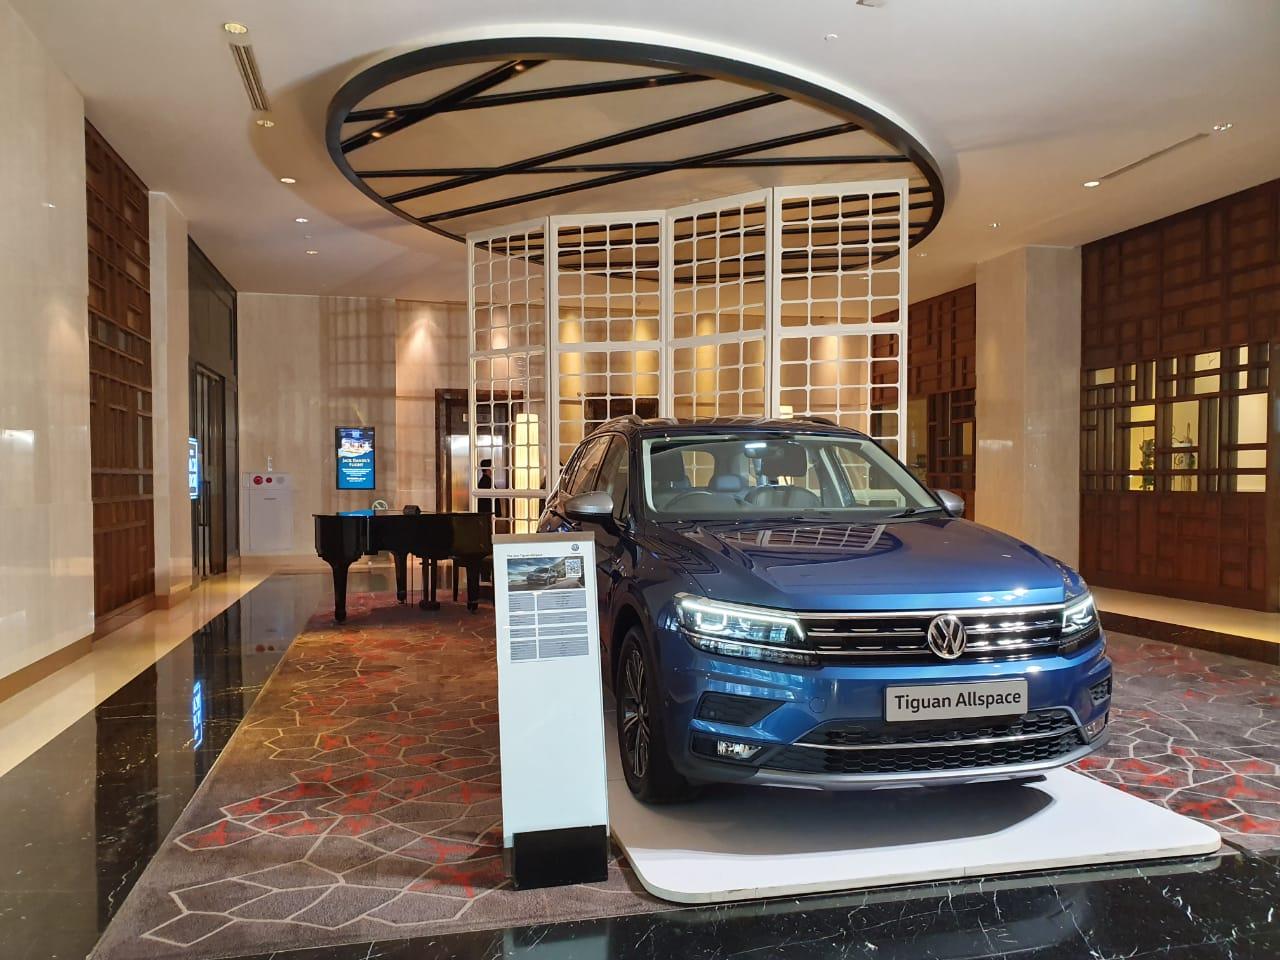 Pabrik Volkswagen Cikampek untuk Fasilitas Perakitan